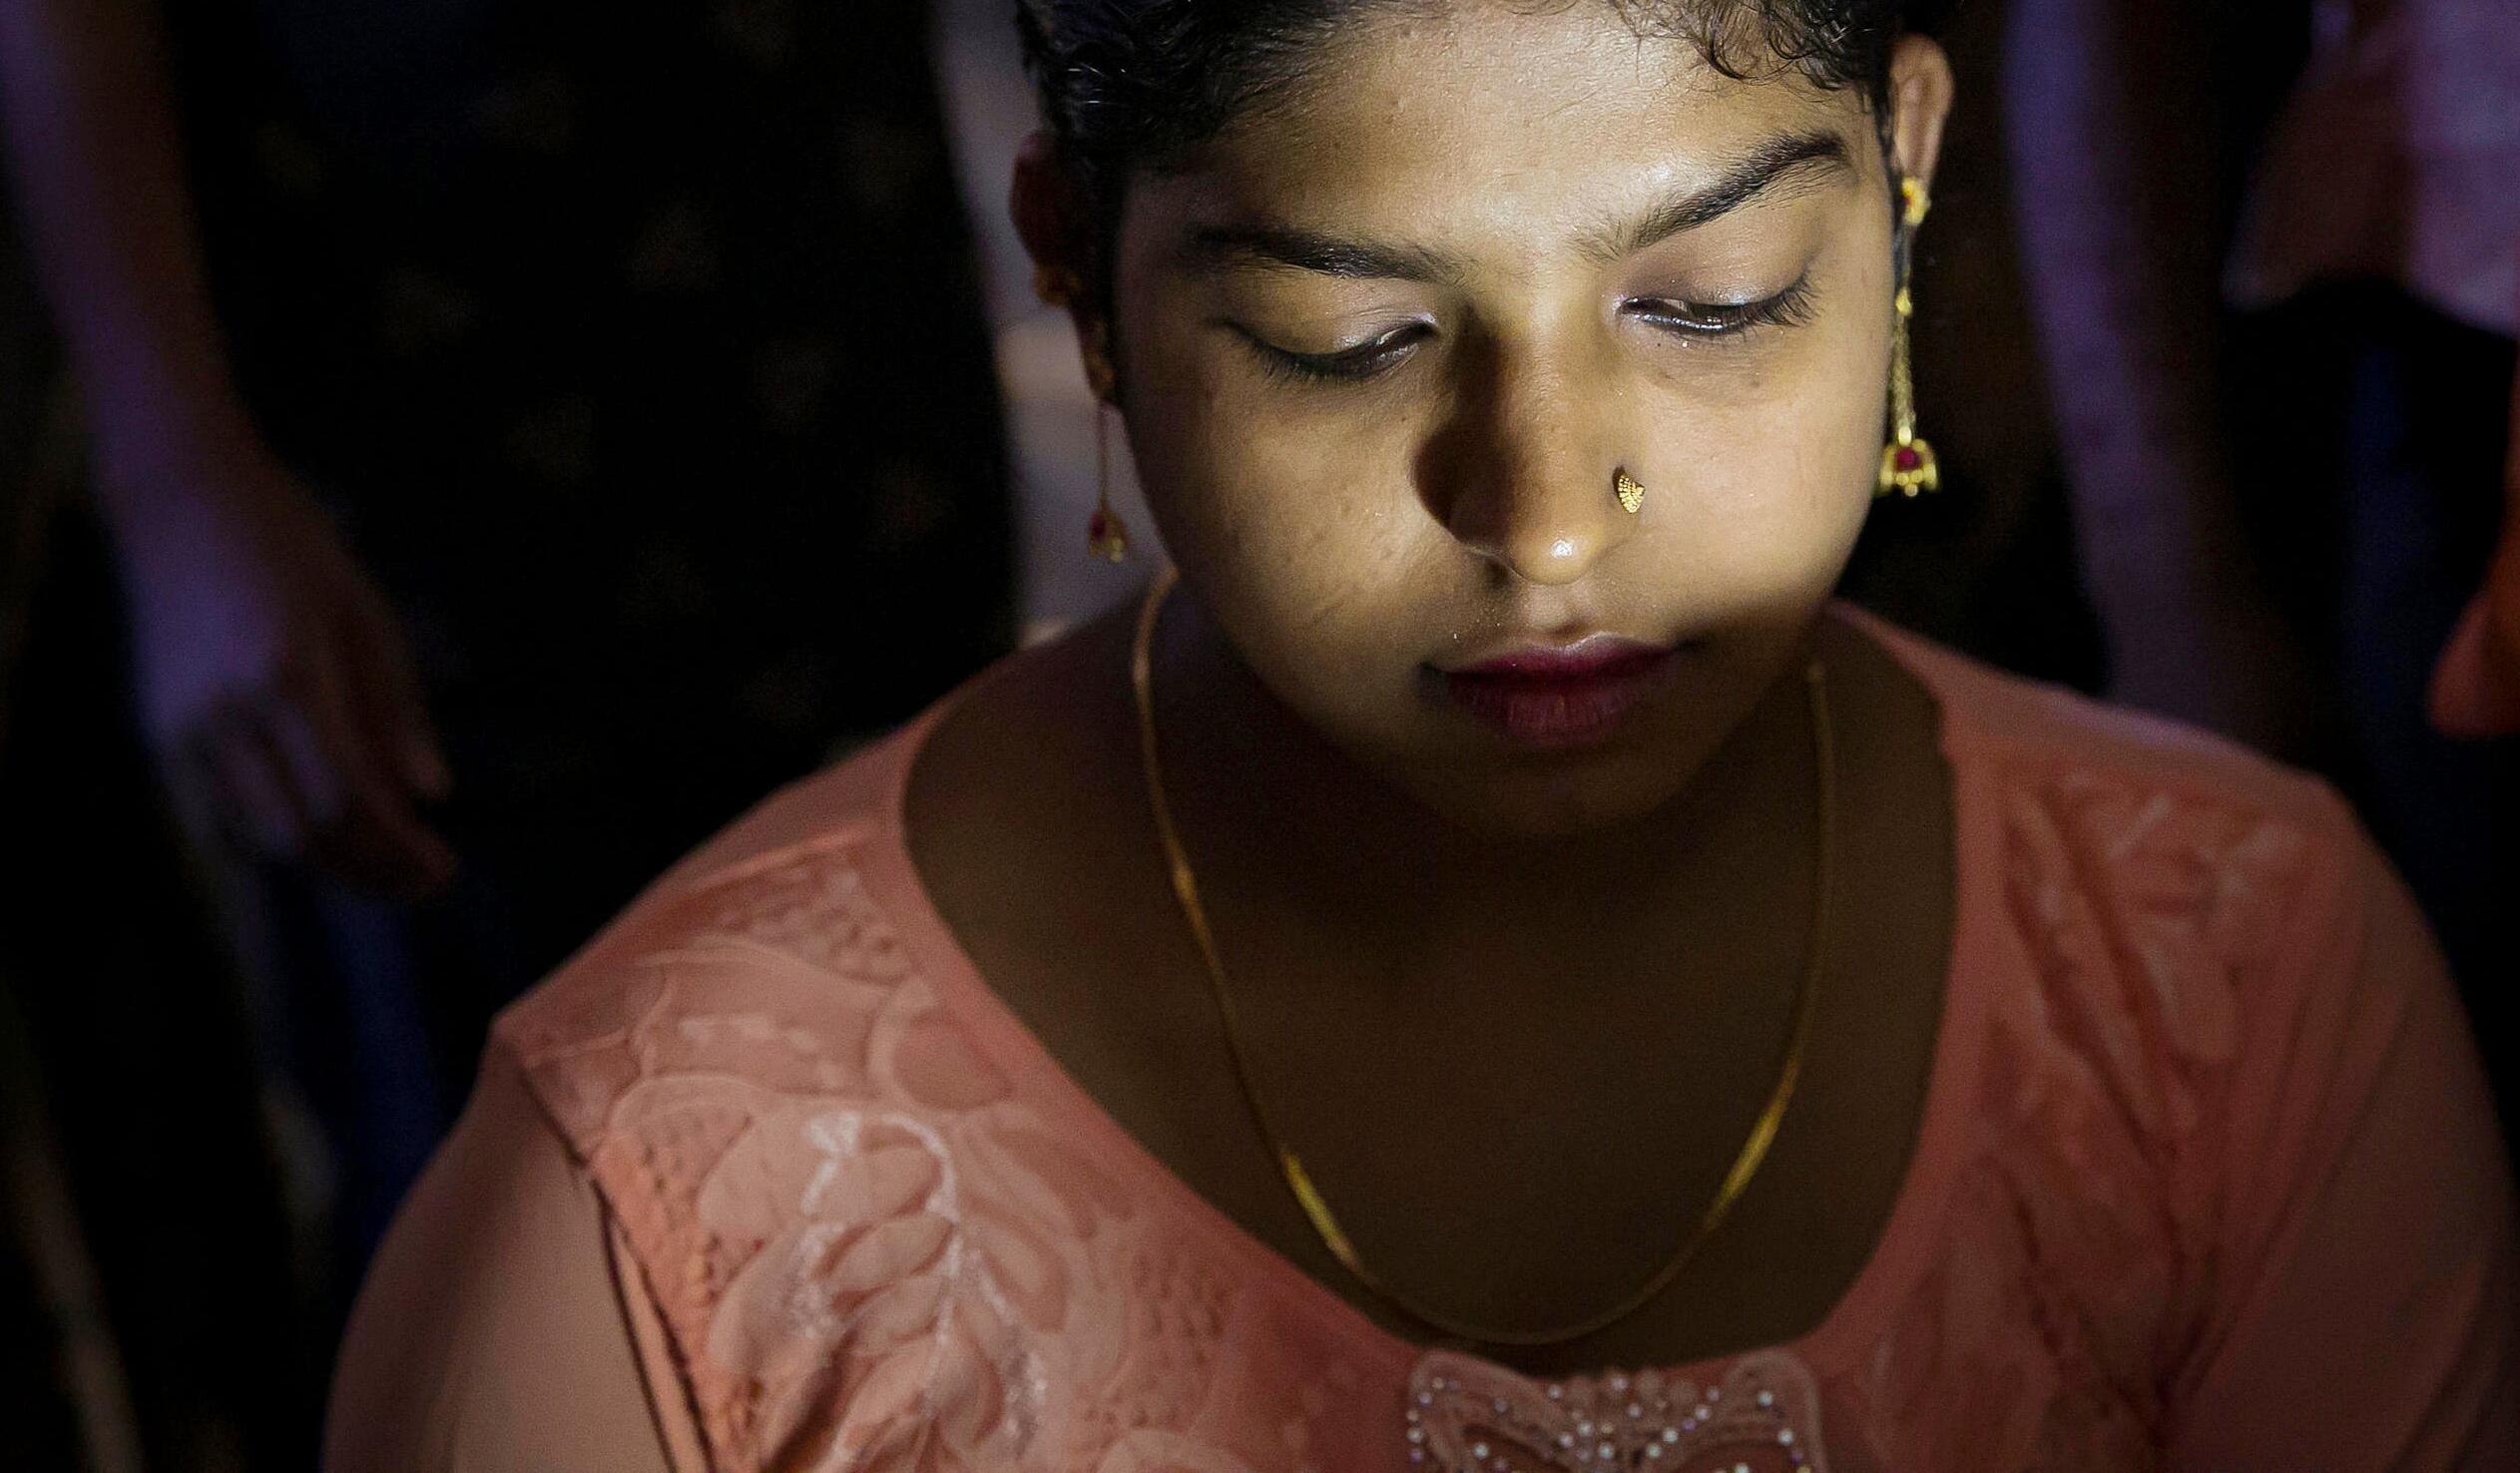 Bild zu Nur Begum, Cox's Bazar, Bangladesch, Heirat, Kinderehe, Rayeed Alam